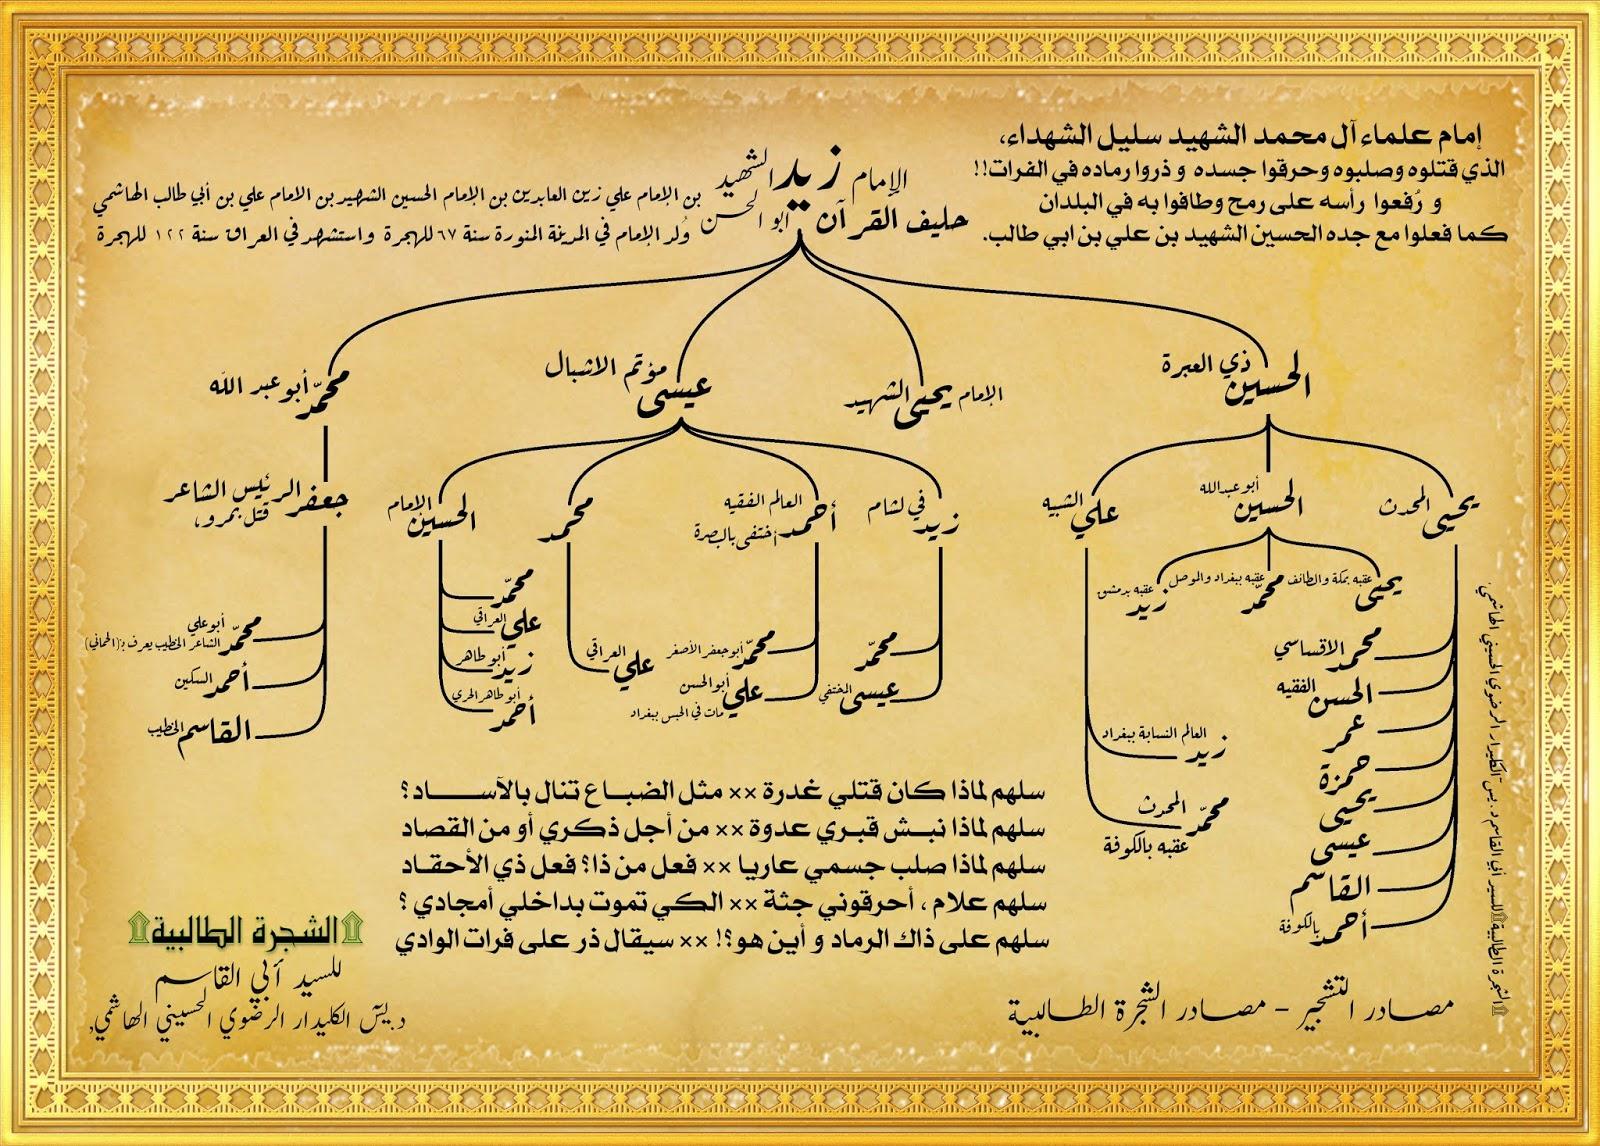 الشجرة الطالبية أعقاب الإمام زيد بن علي بن الحسين بن علي بن أبي